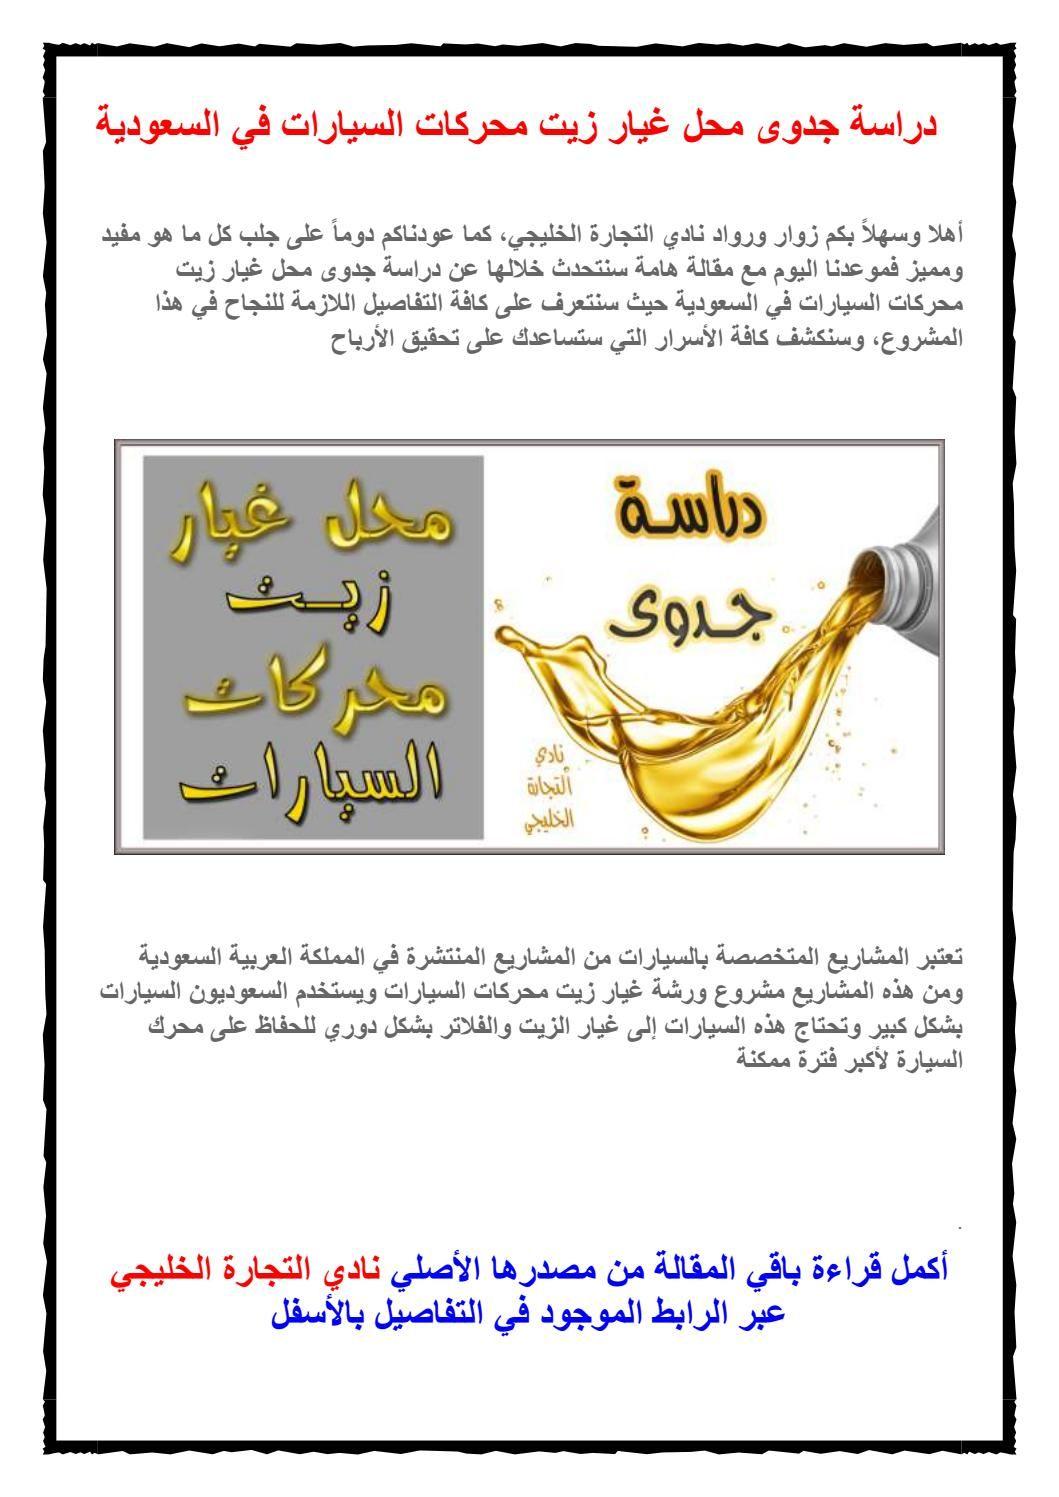 دراسة جدوى محل غيار زيت محركات السيارات في السعودية Microsoft Word Document Words Finance